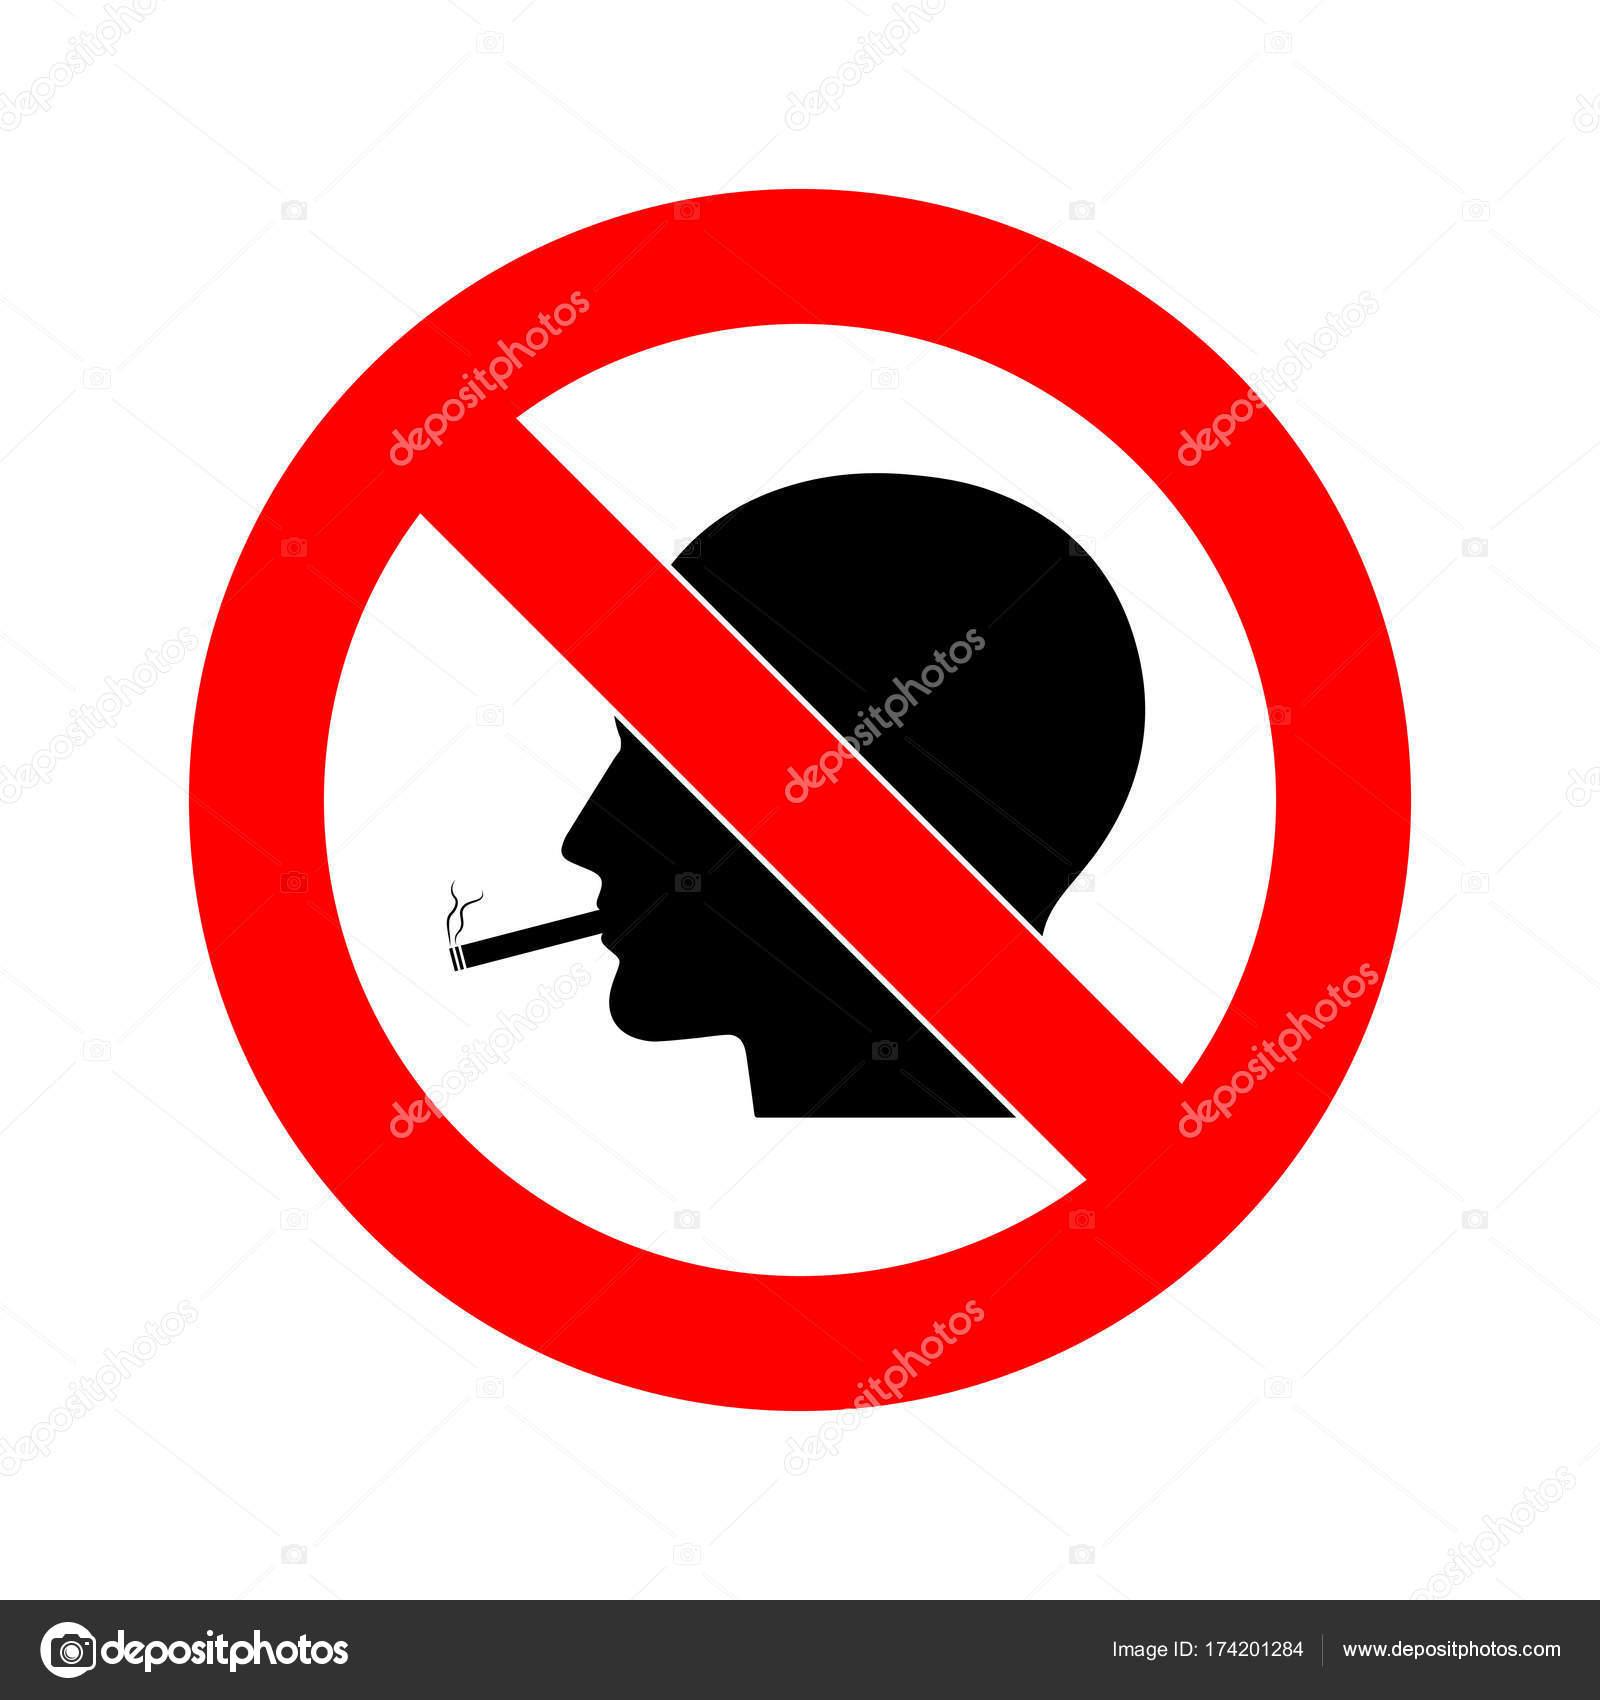 No smoking sign vector accept. The